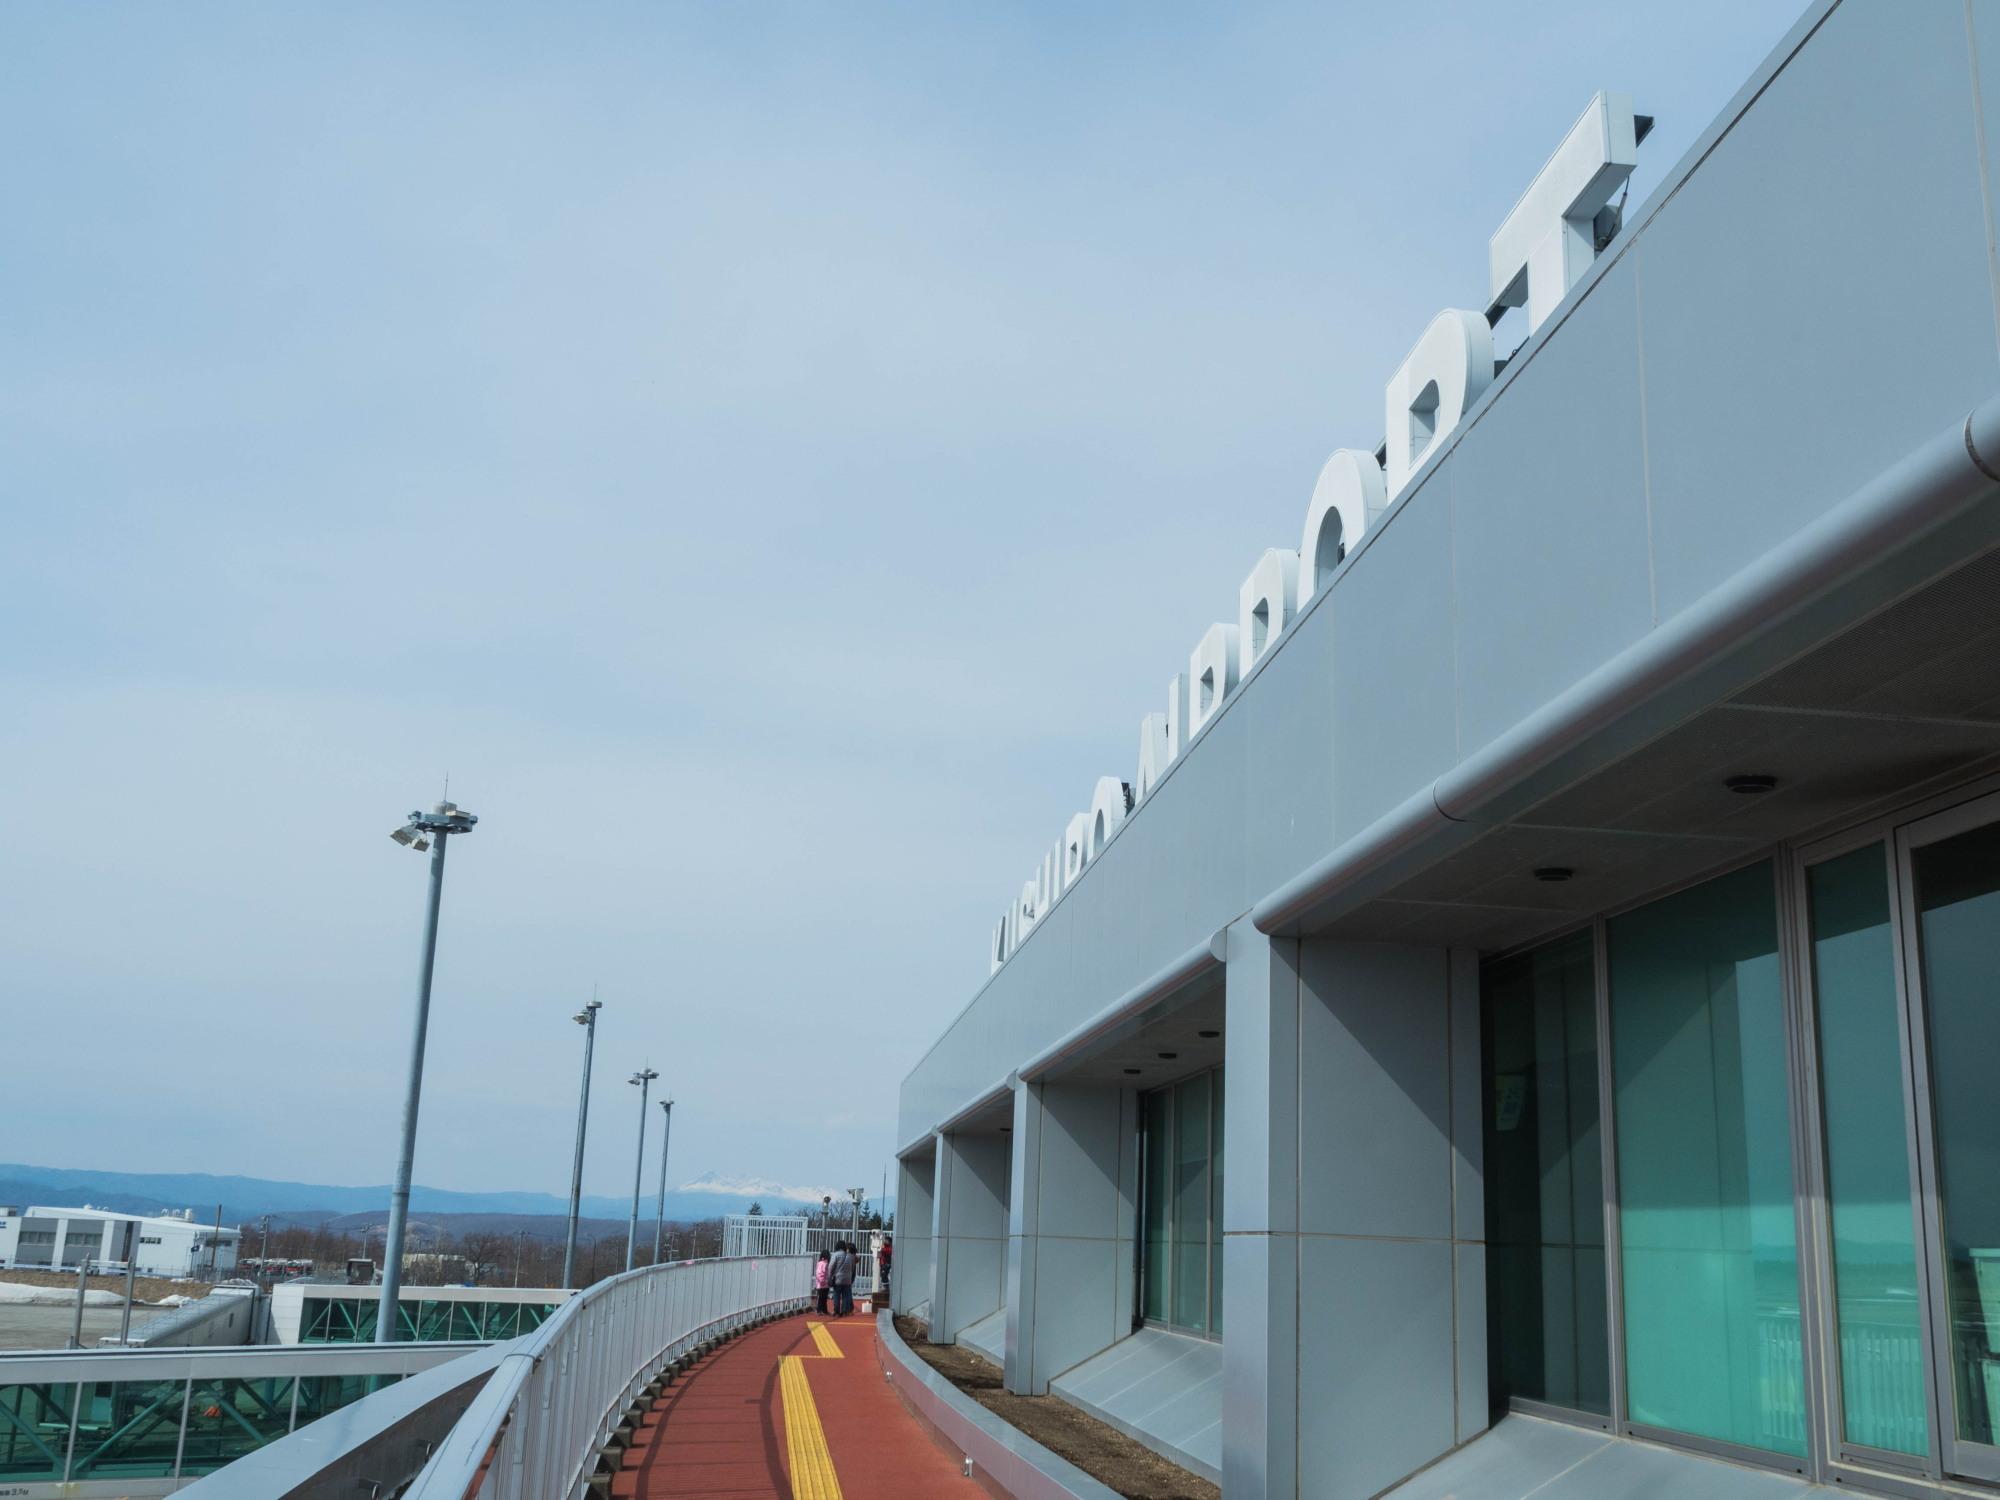 「釧路空港からピーチで関西に行く」という仮定で・・_f0276498_23434292.jpg